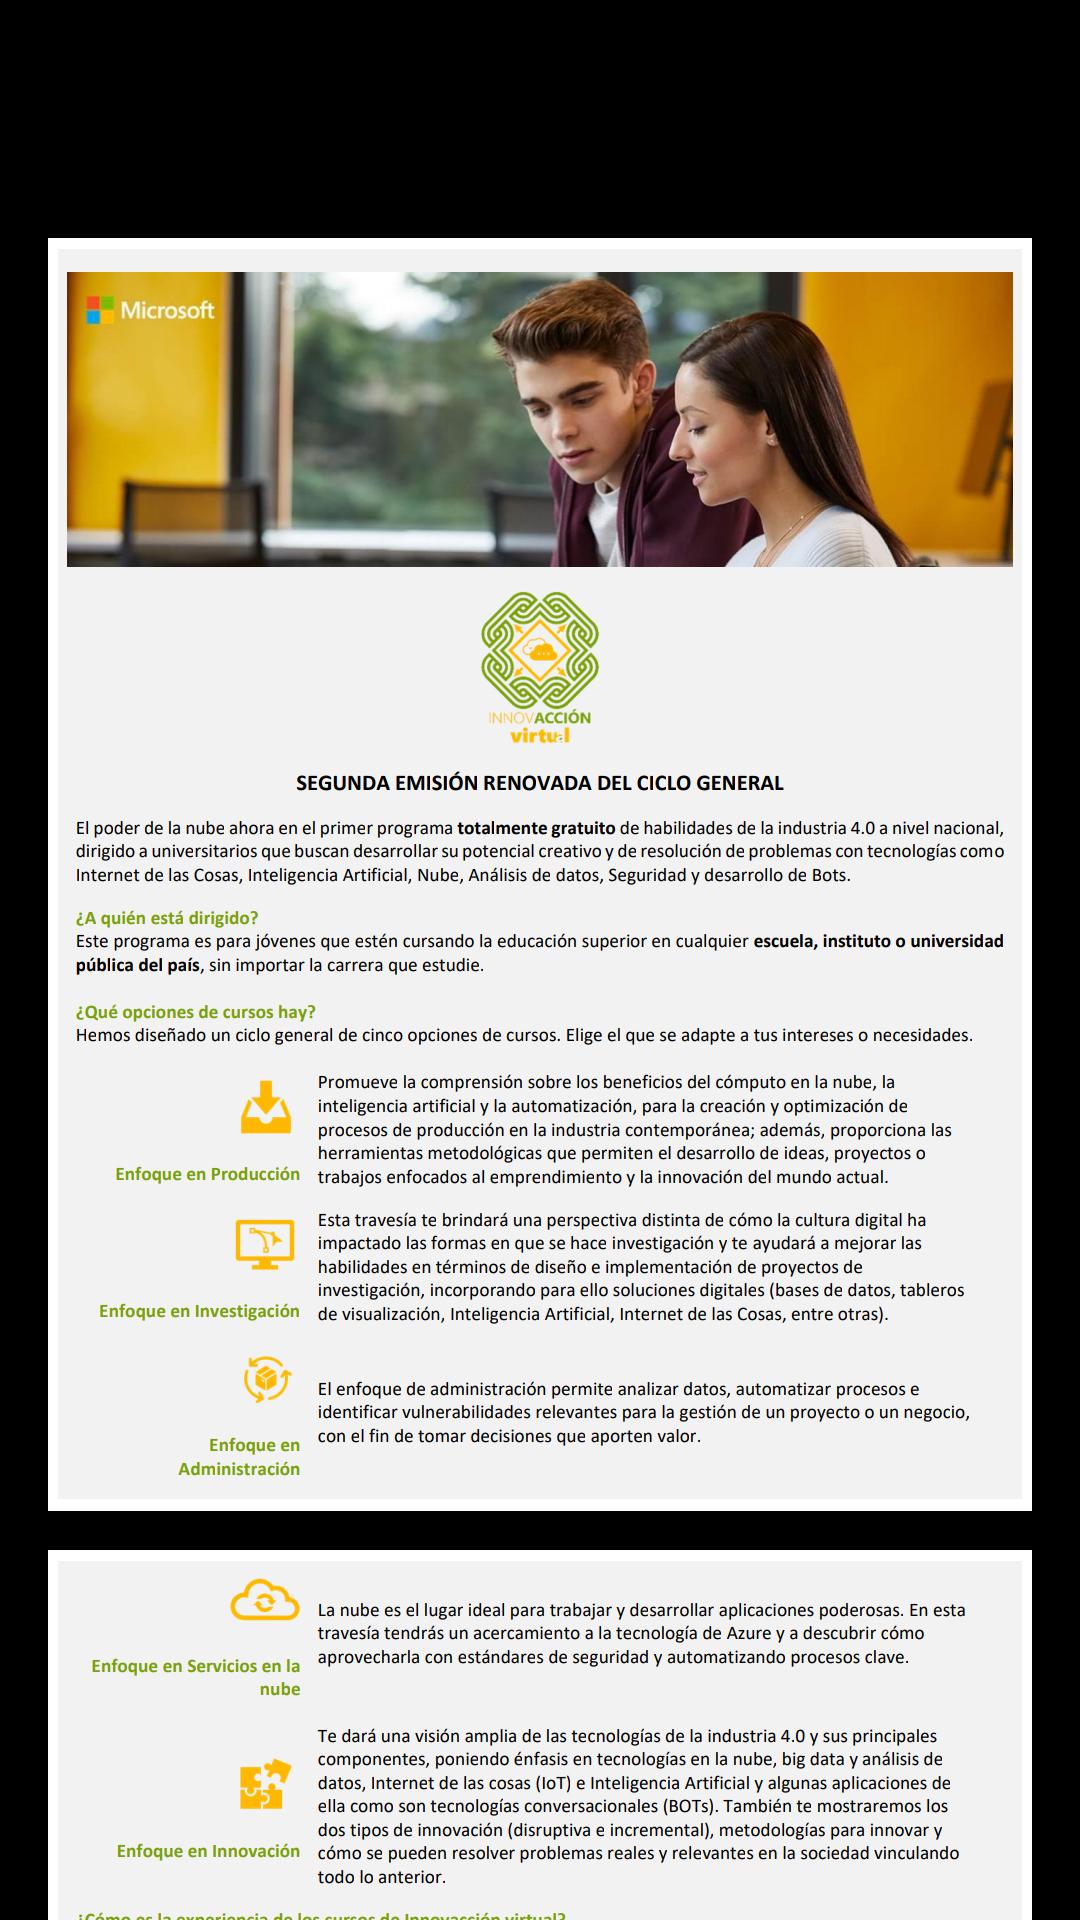 Innovacion Virtual: Certificaciones de la industria con tecnologías Microsoft reconocidas por SEP-Conocer-Microsoft